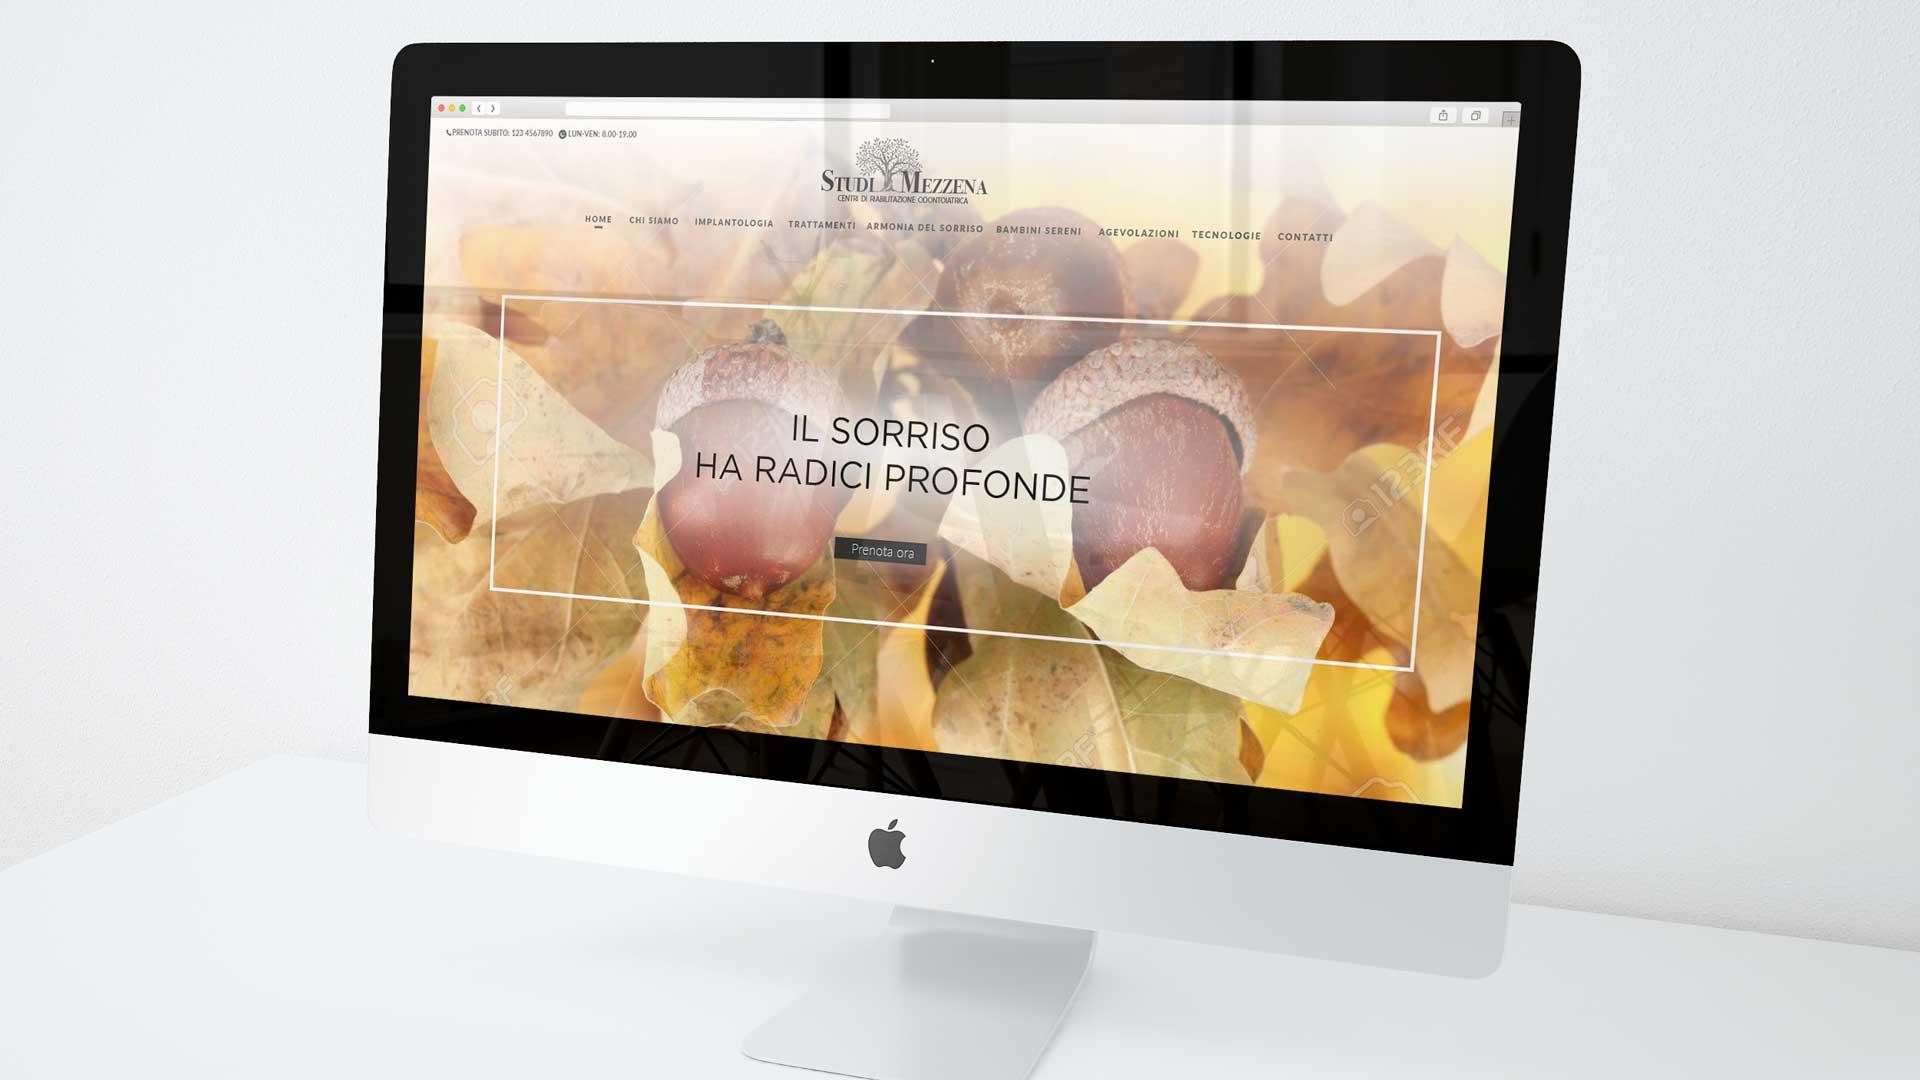 Sito web dentista 2 | Studi Mezzena | Portfolio Ideandum